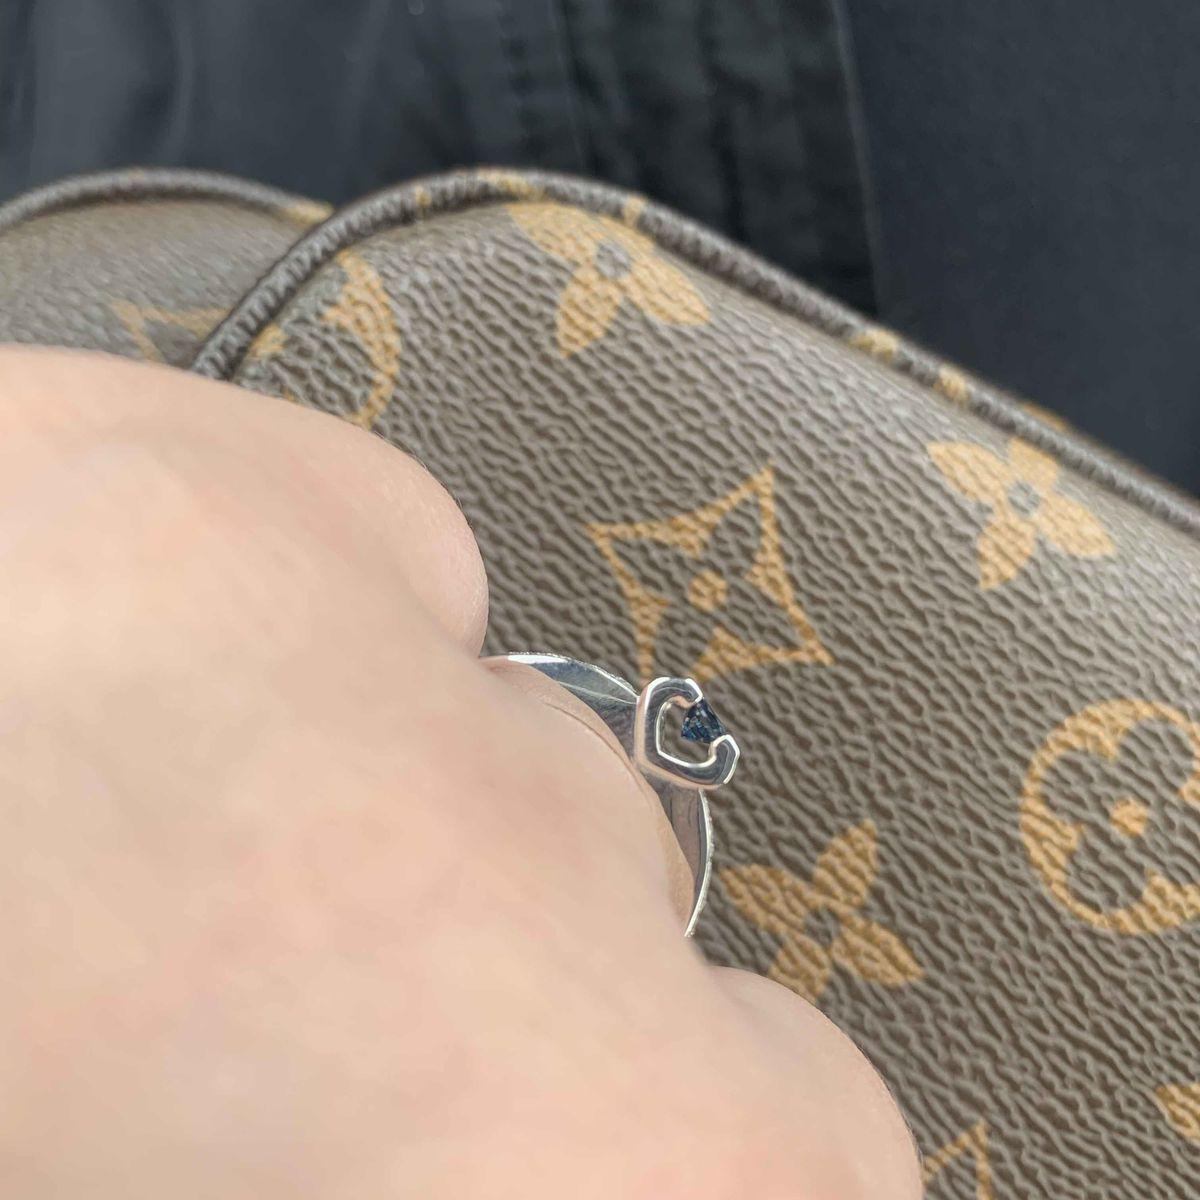 Кольцо с бриллиантами и сапфиром-мечта!